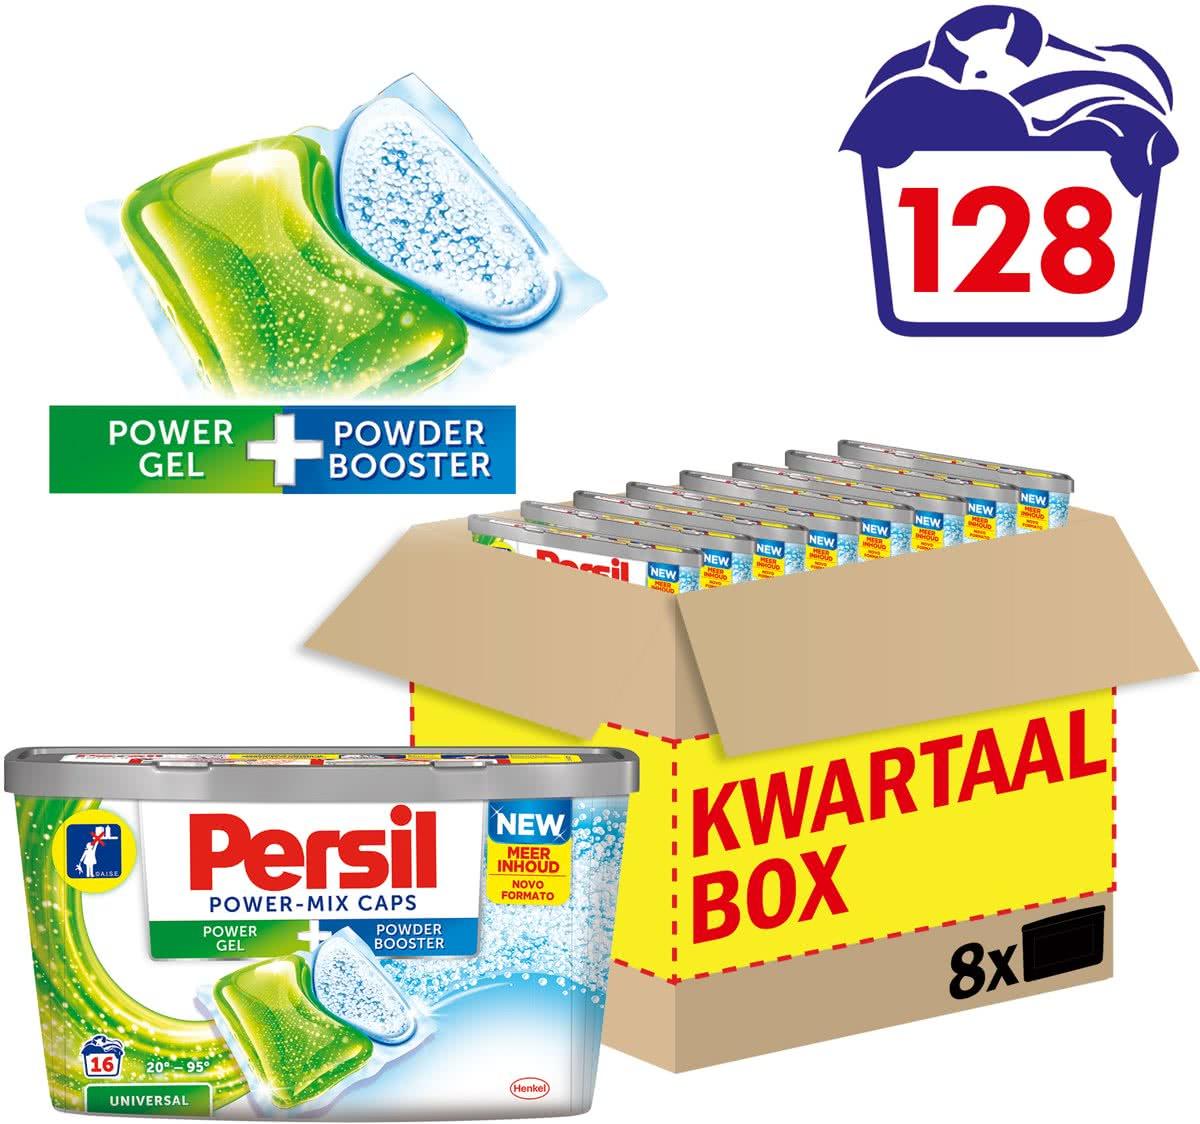 Persil Power-Mix caps kwartaalbox (128 wasbeurten) voor €12,99 @ Bol.com